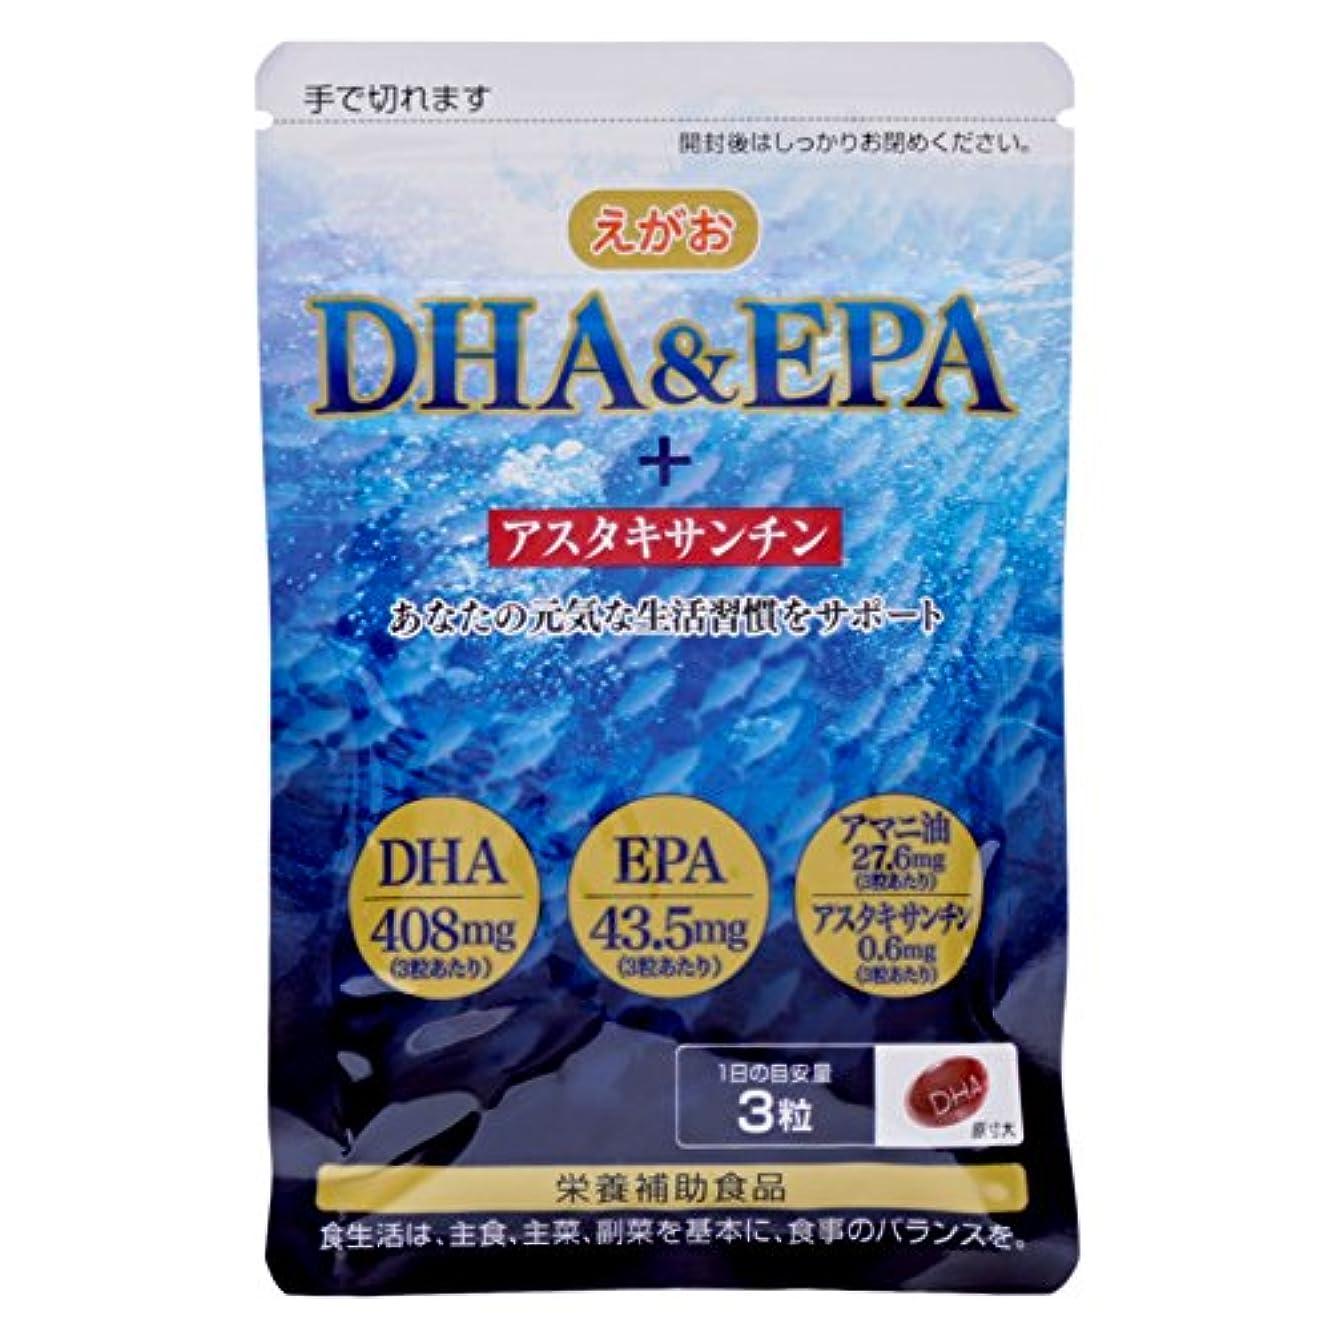 気分手つかずの上流のえがおの DHA&EPA+アスタキサンチン 【1袋】(1袋/93粒入り 約1ヵ月分) 栄養補助食品